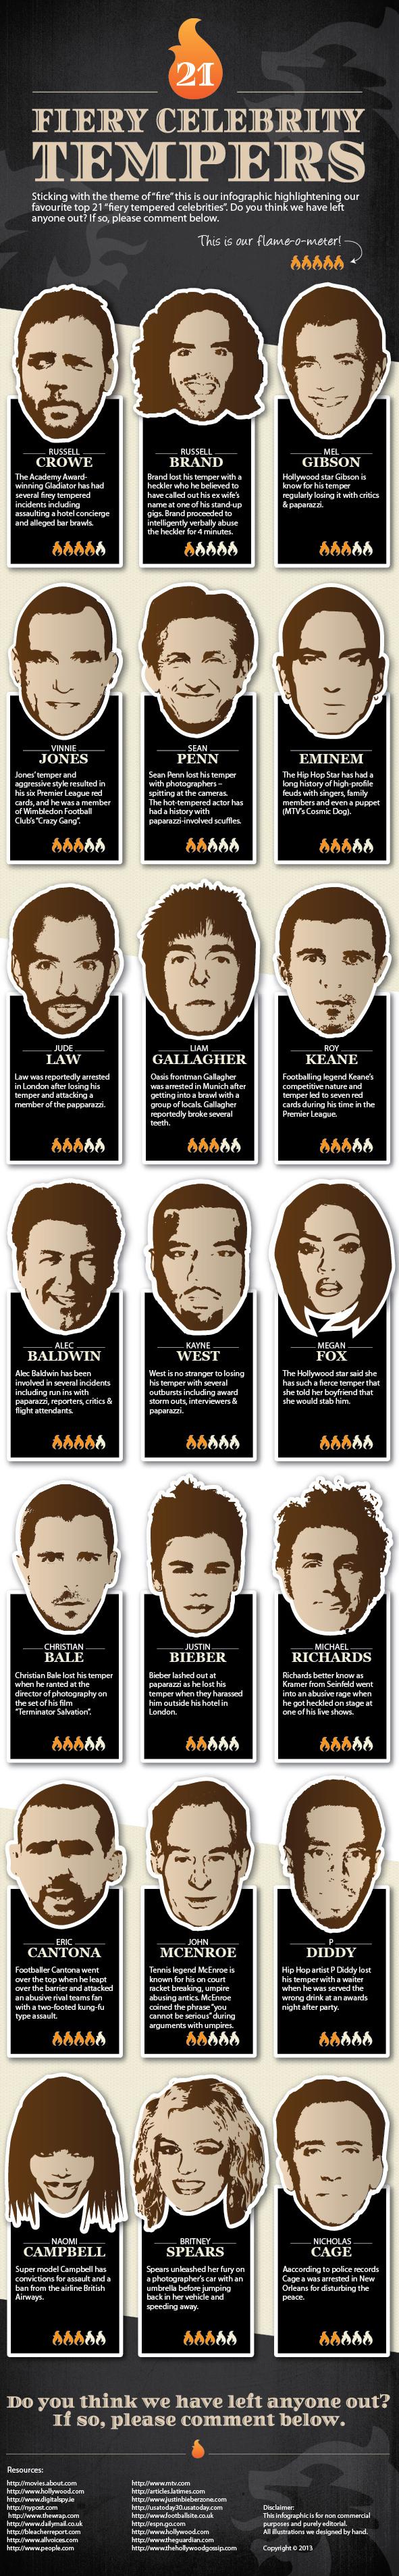 21 Fiery Celebrity Tempers